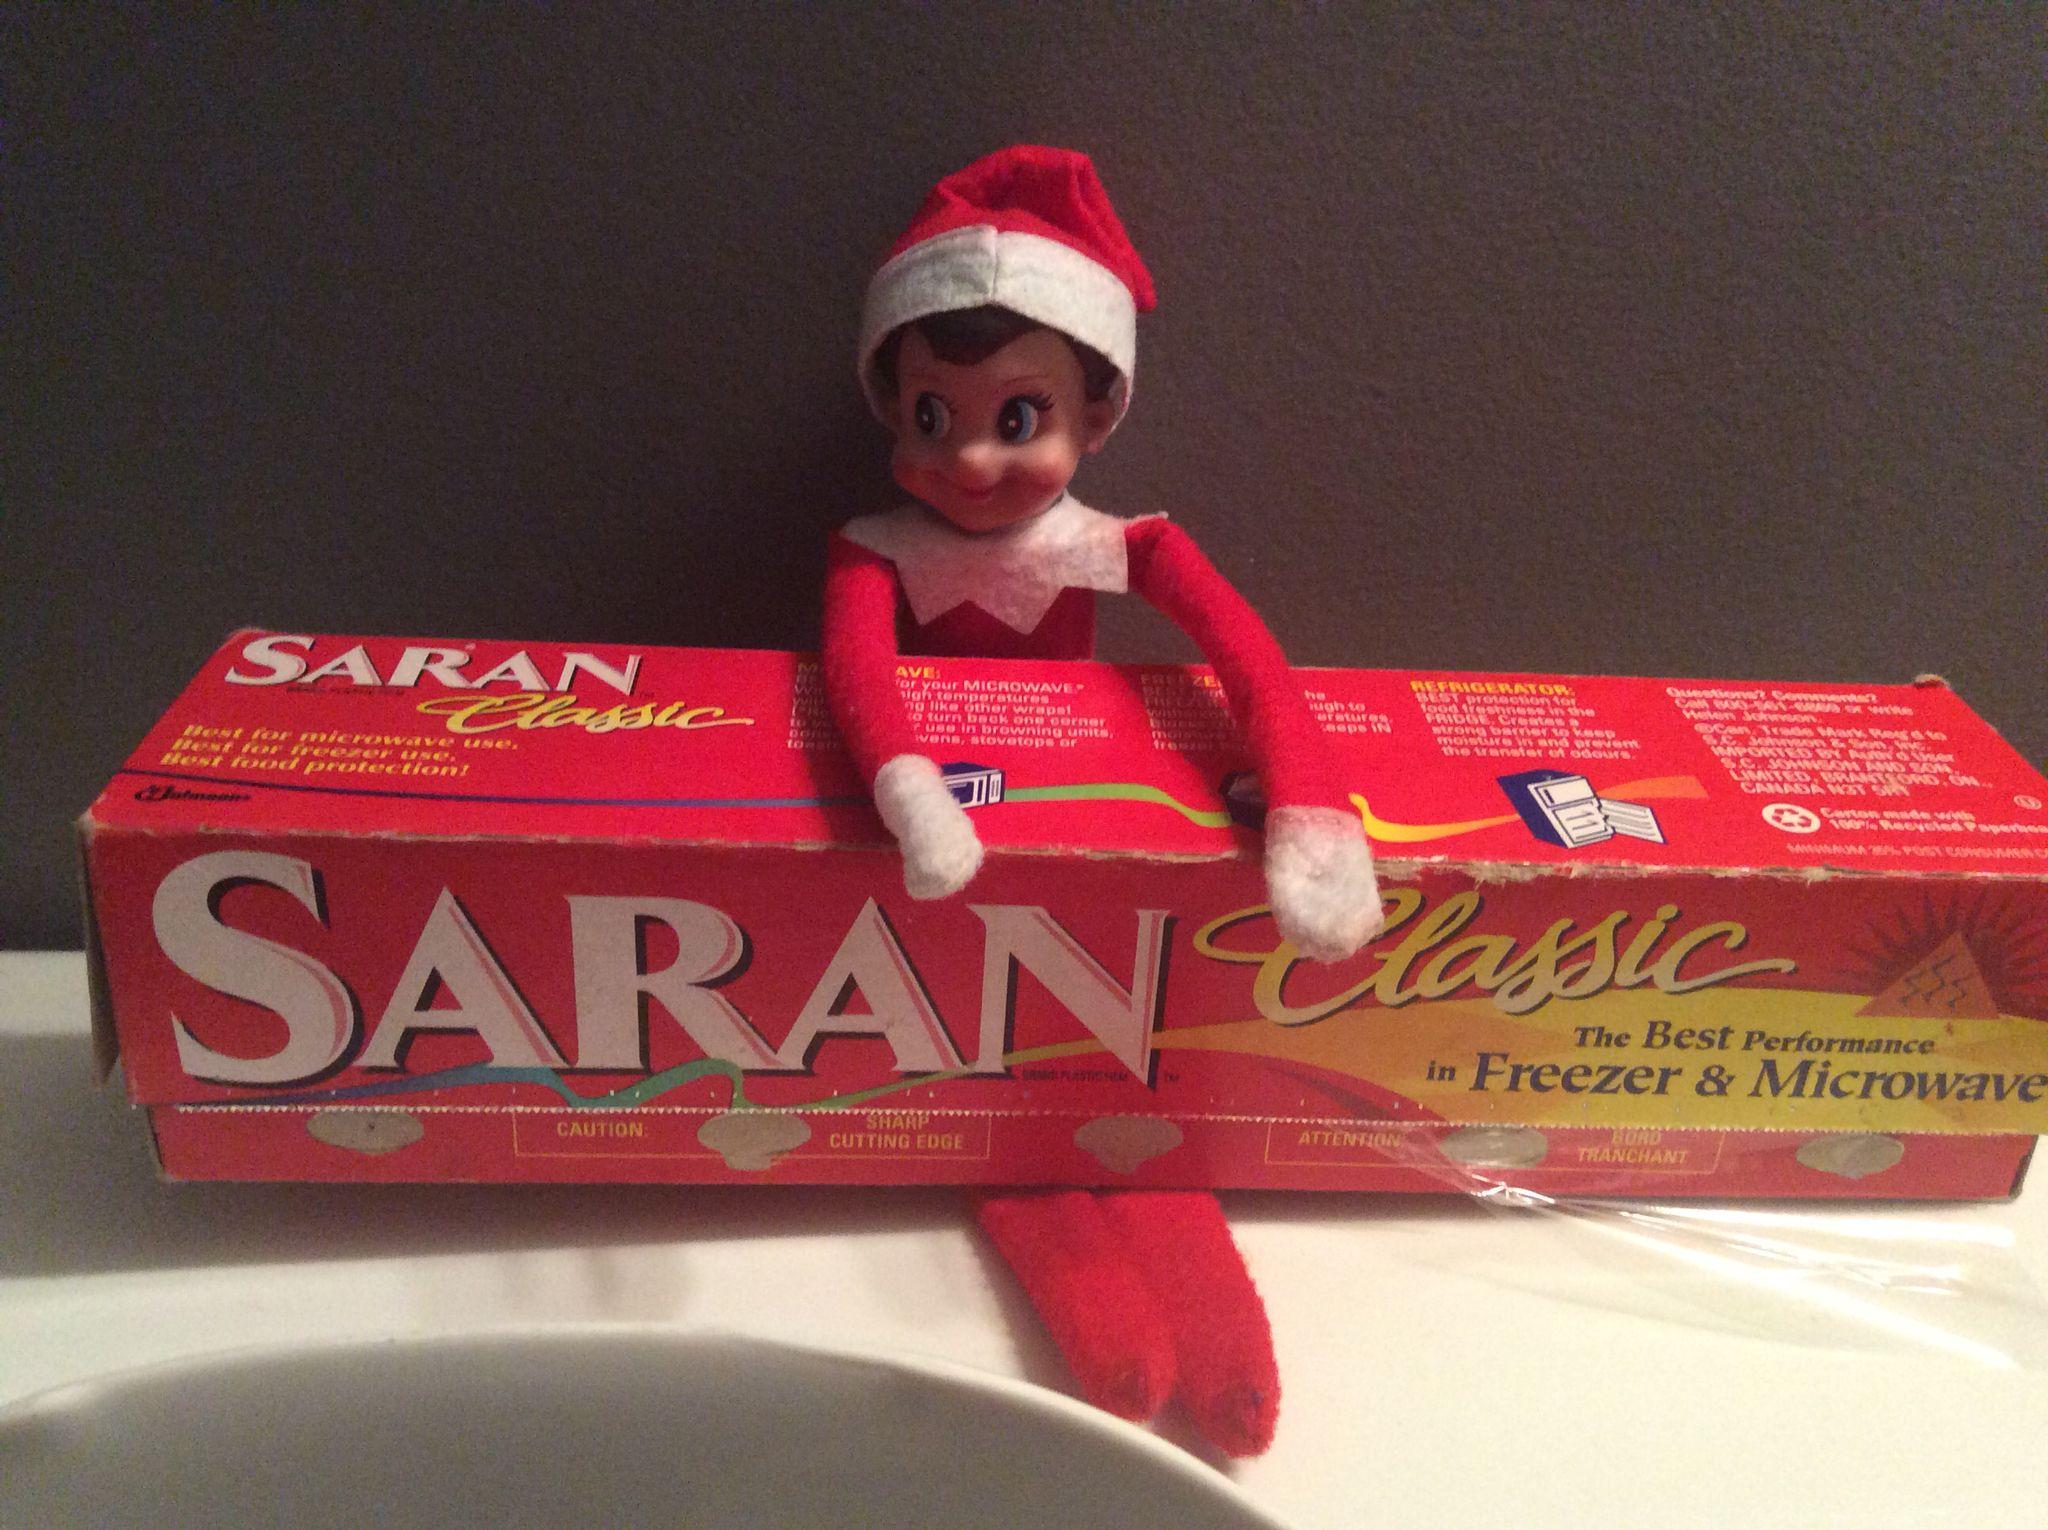 Saran wrapped the toilet